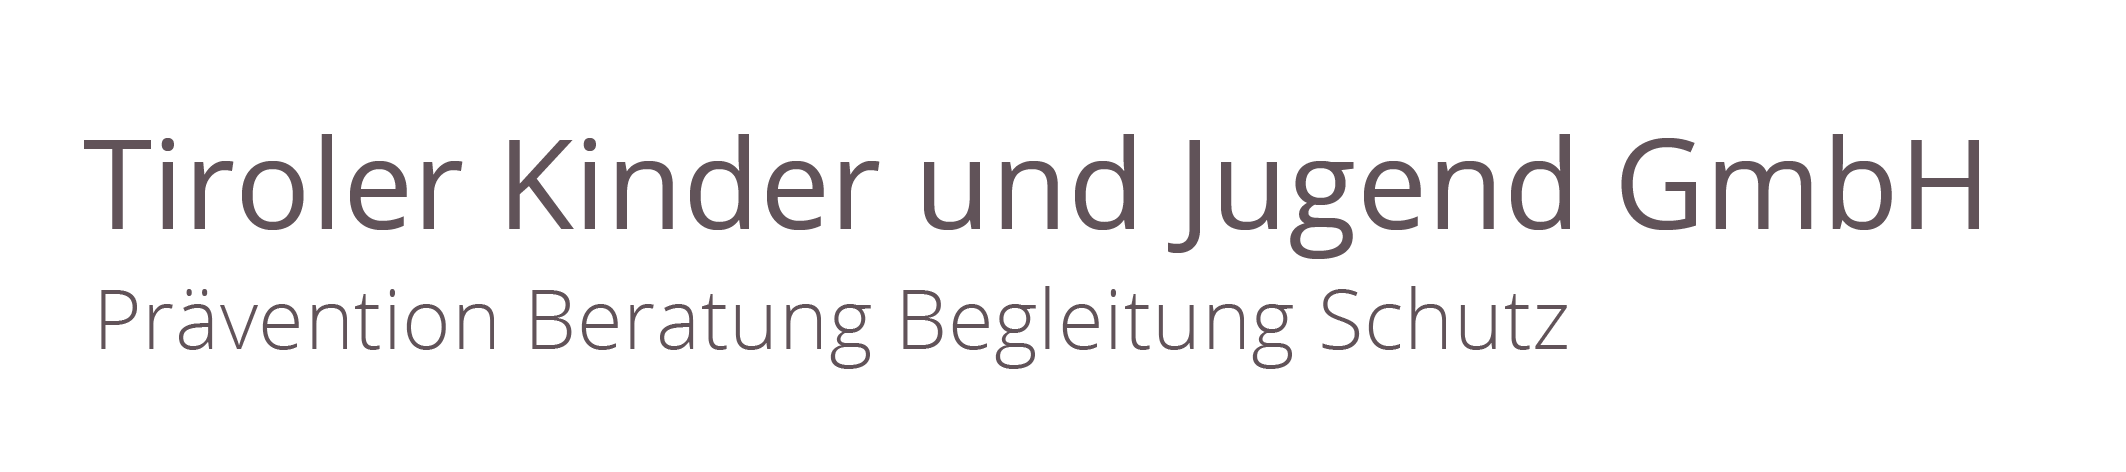 Tiroler Kinderschutz Logo